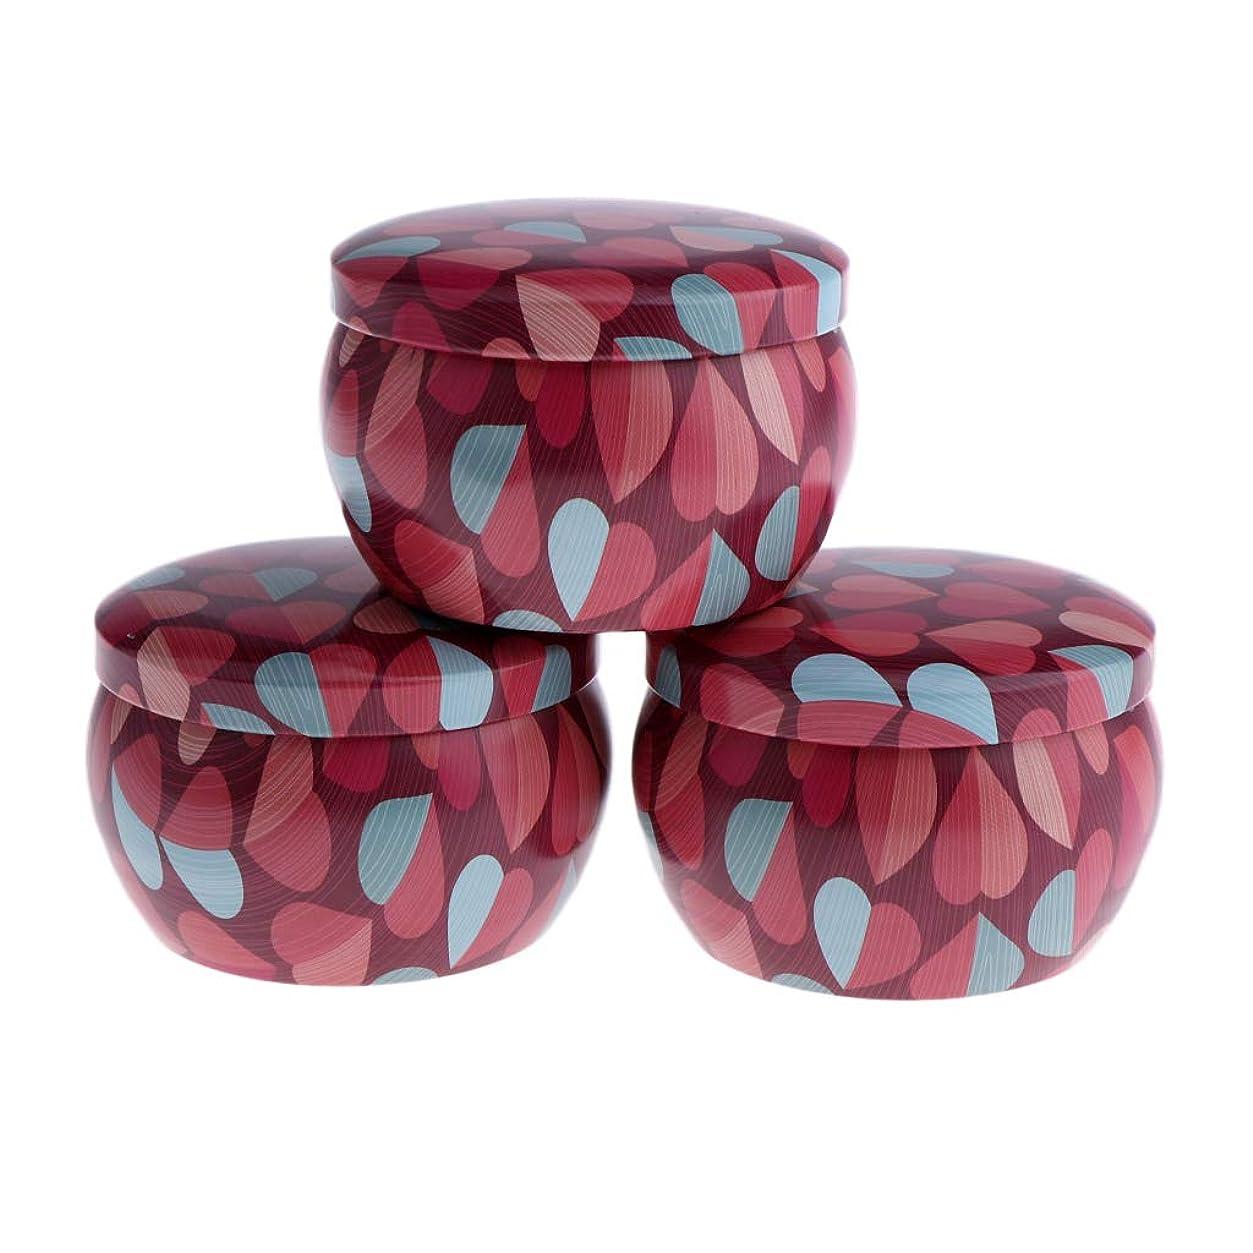 シャープ幼児余裕があるF Fityle 3個 キャンドル缶 DIY お茶 ジャー メタル ポット 化粧品詰替え容器 4タイプ選べ - A